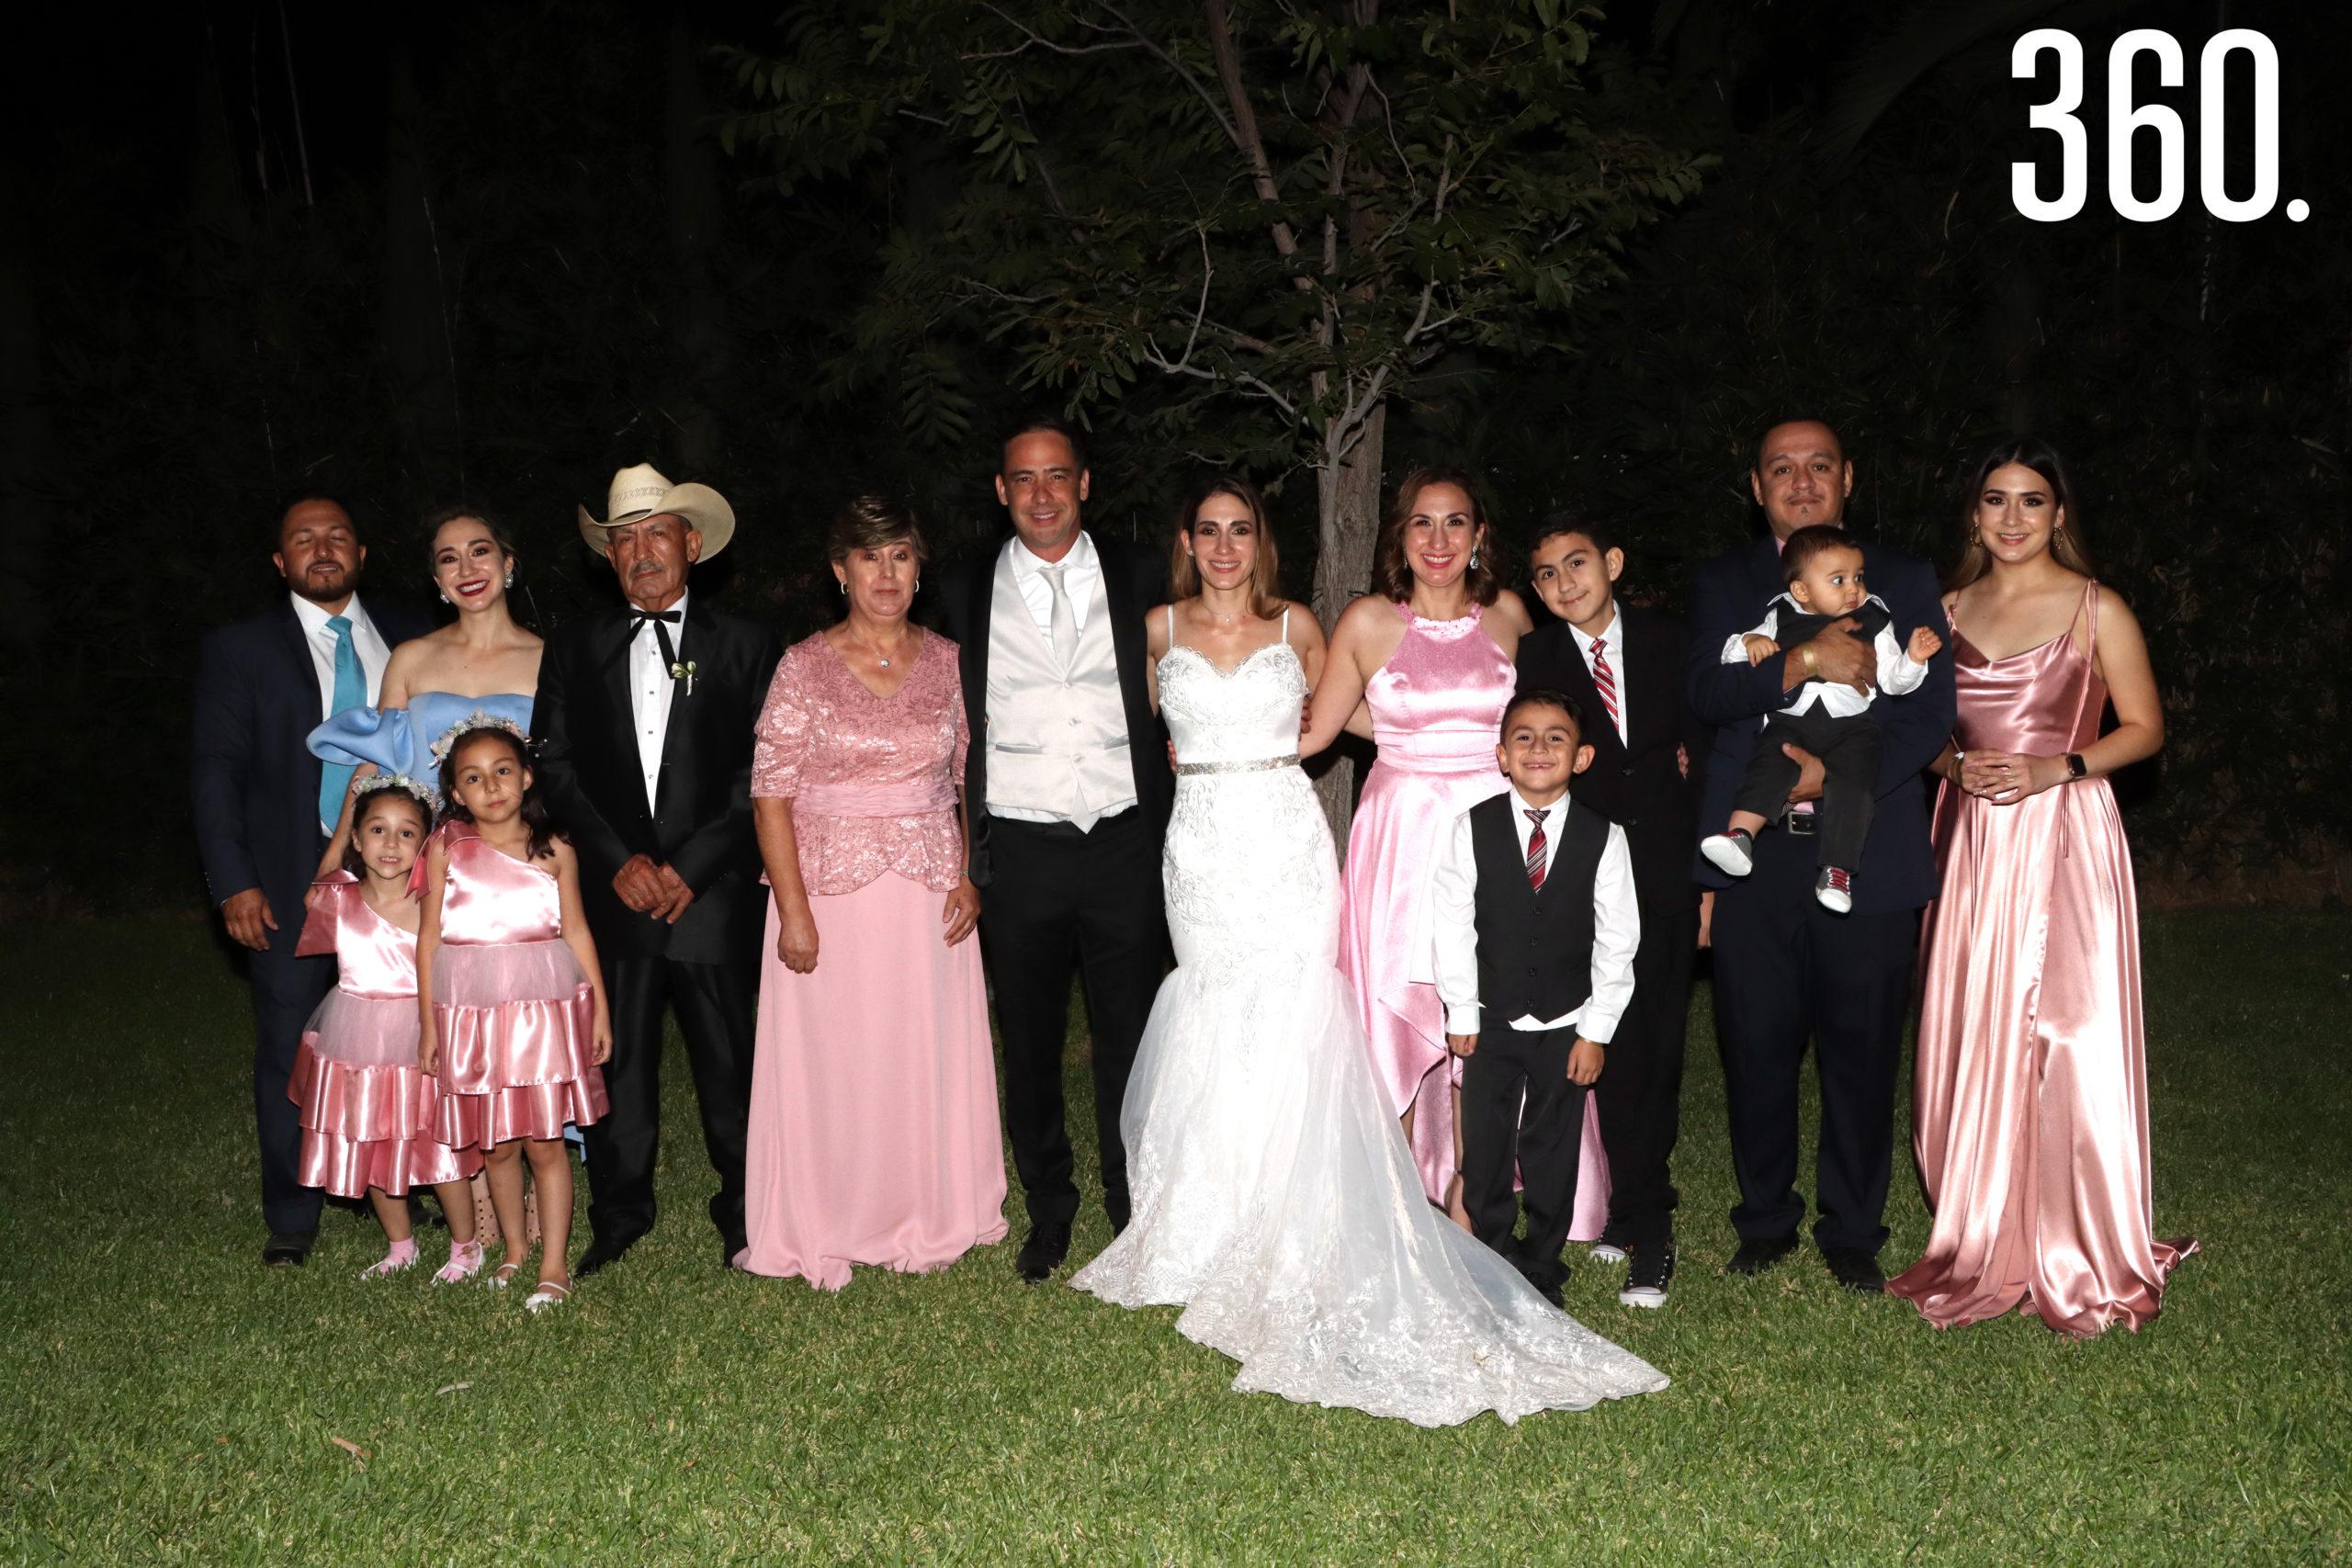 Los novios acompañados por la familia de María Alejandra de Anda Chávez.